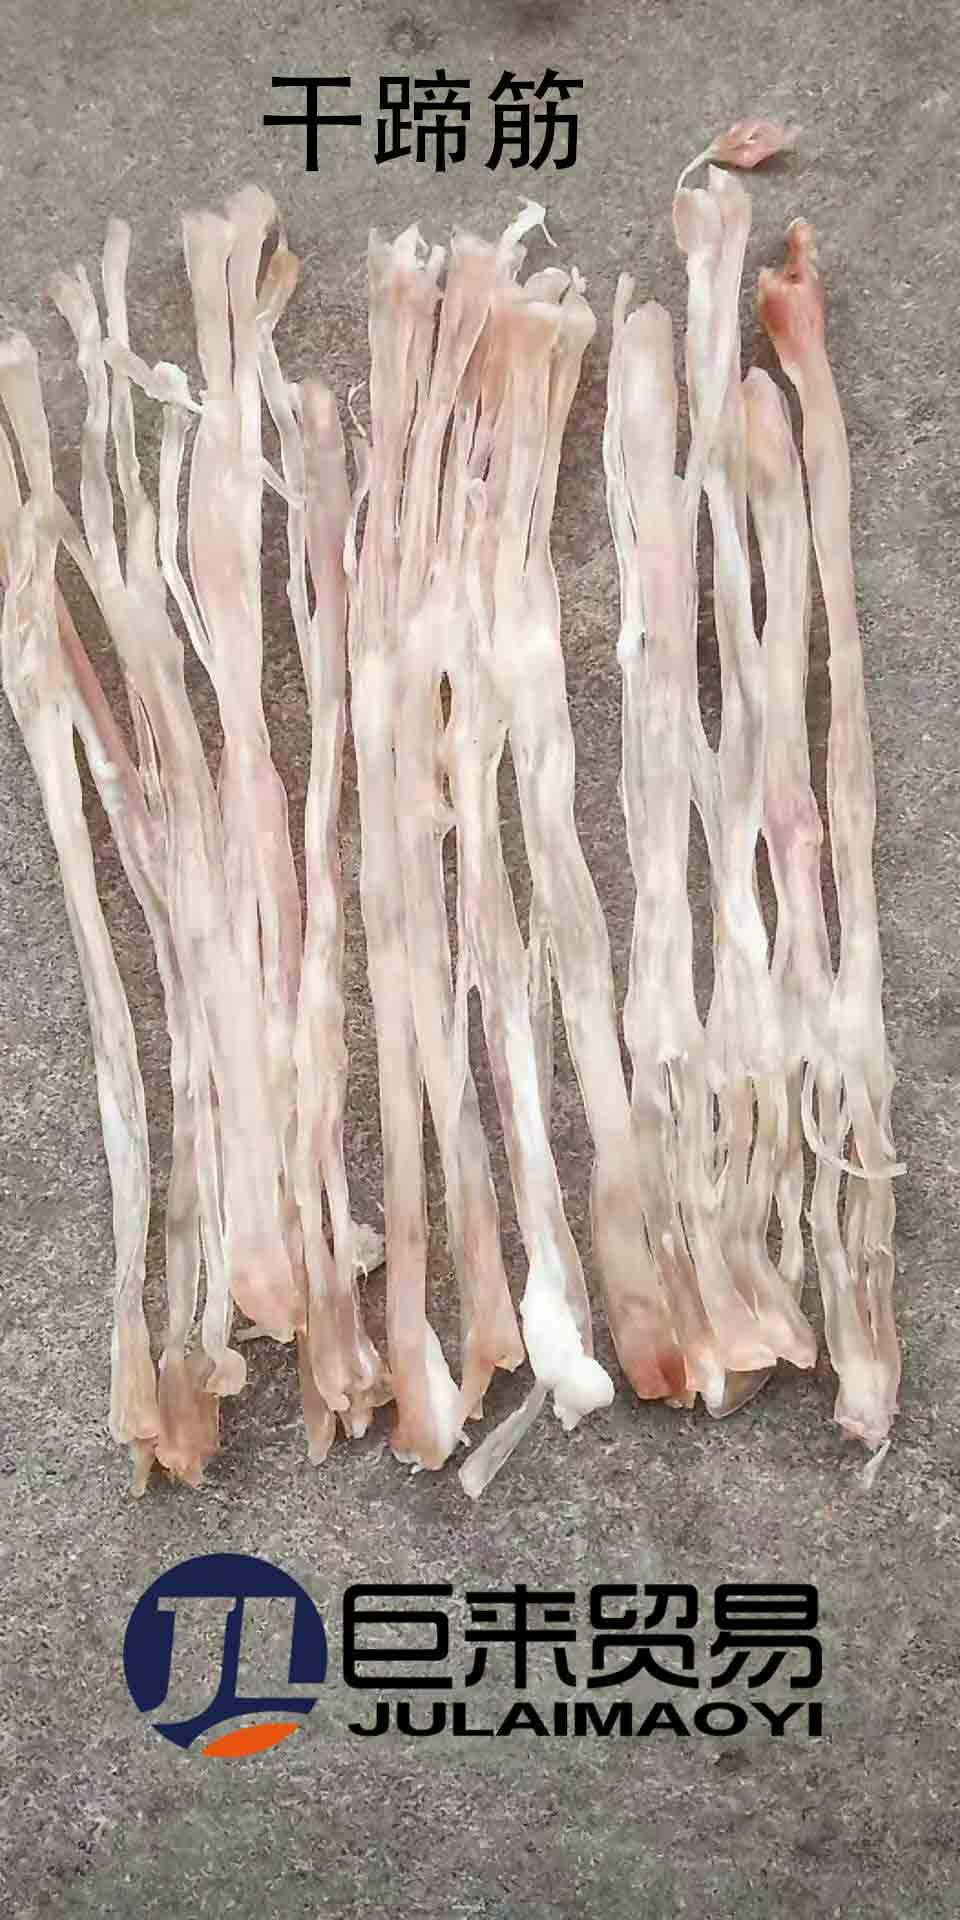 廣東優質豬心管批發 值得信賴 臨沂巨來食品貿易供應